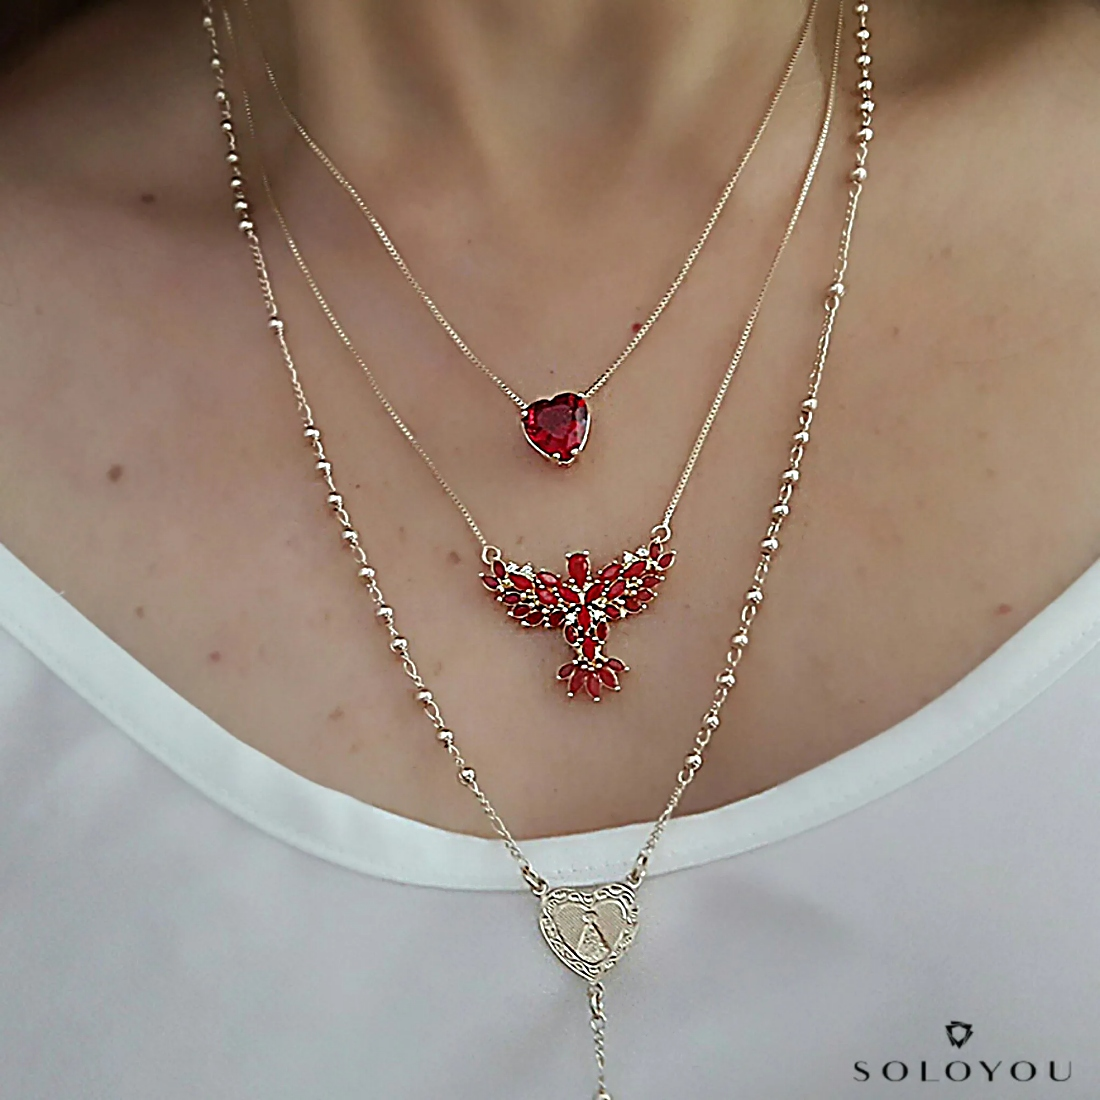 Colar Espírito Santo Navete Semijoia Ouro 18K com Cristal Ágata Vermelha e Zircônia Branca  - Soloyou